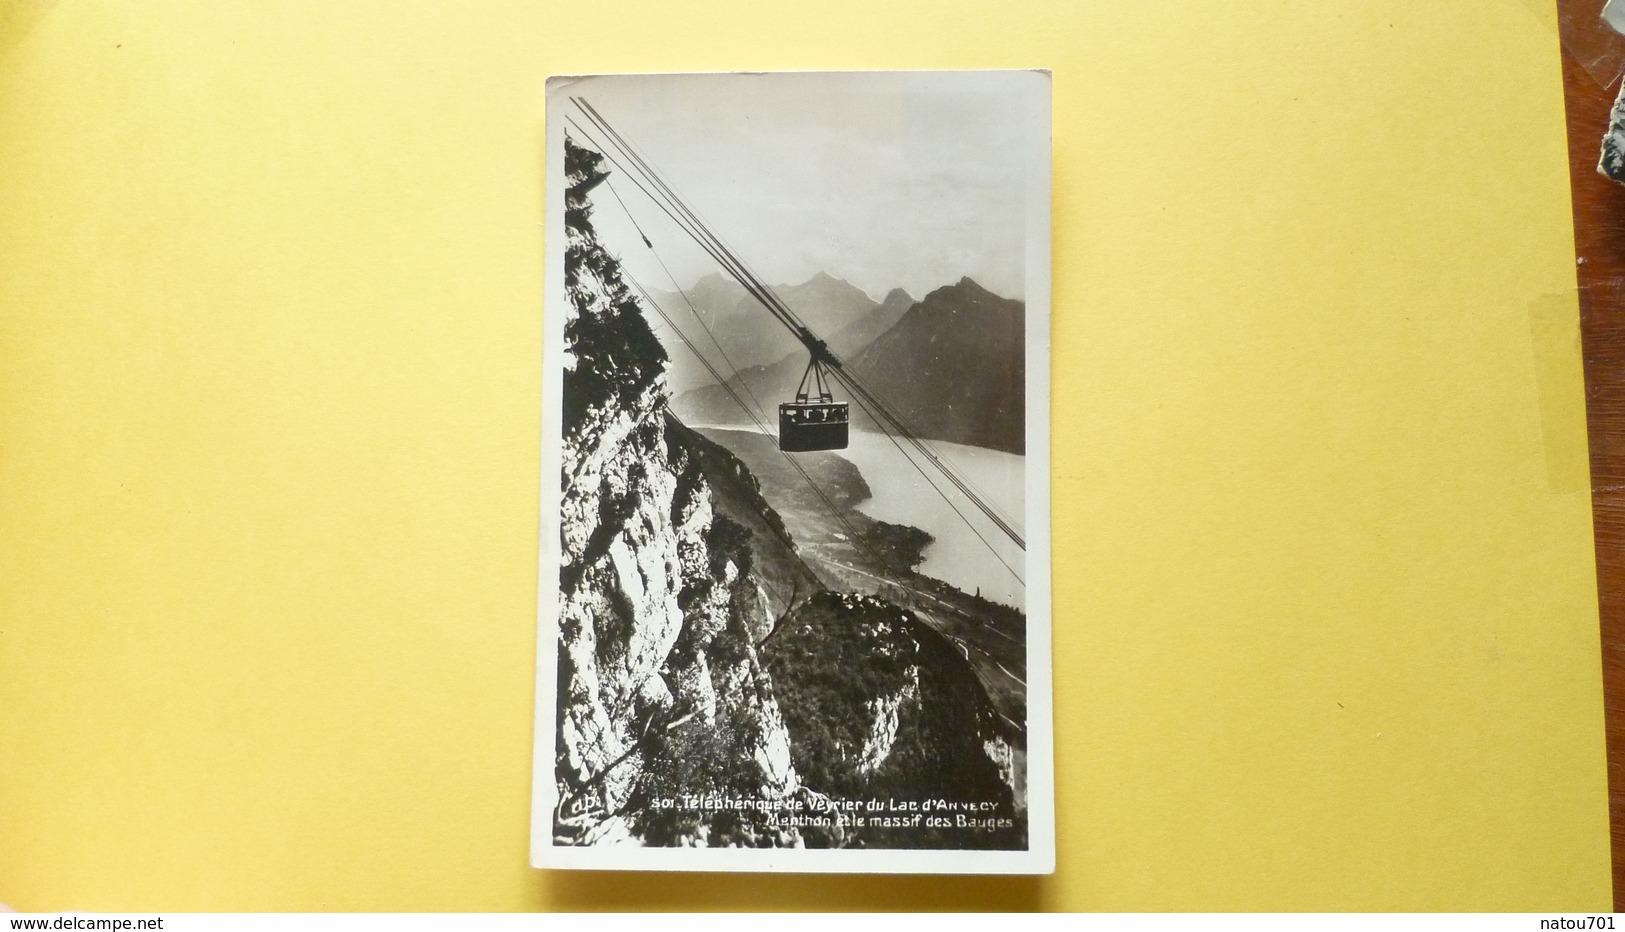 V05-A-B-73-74-haute Savoie-telepherique De Veyrier- Lac D'annecy- Menthon Massif Des Bauges- - Veyrier